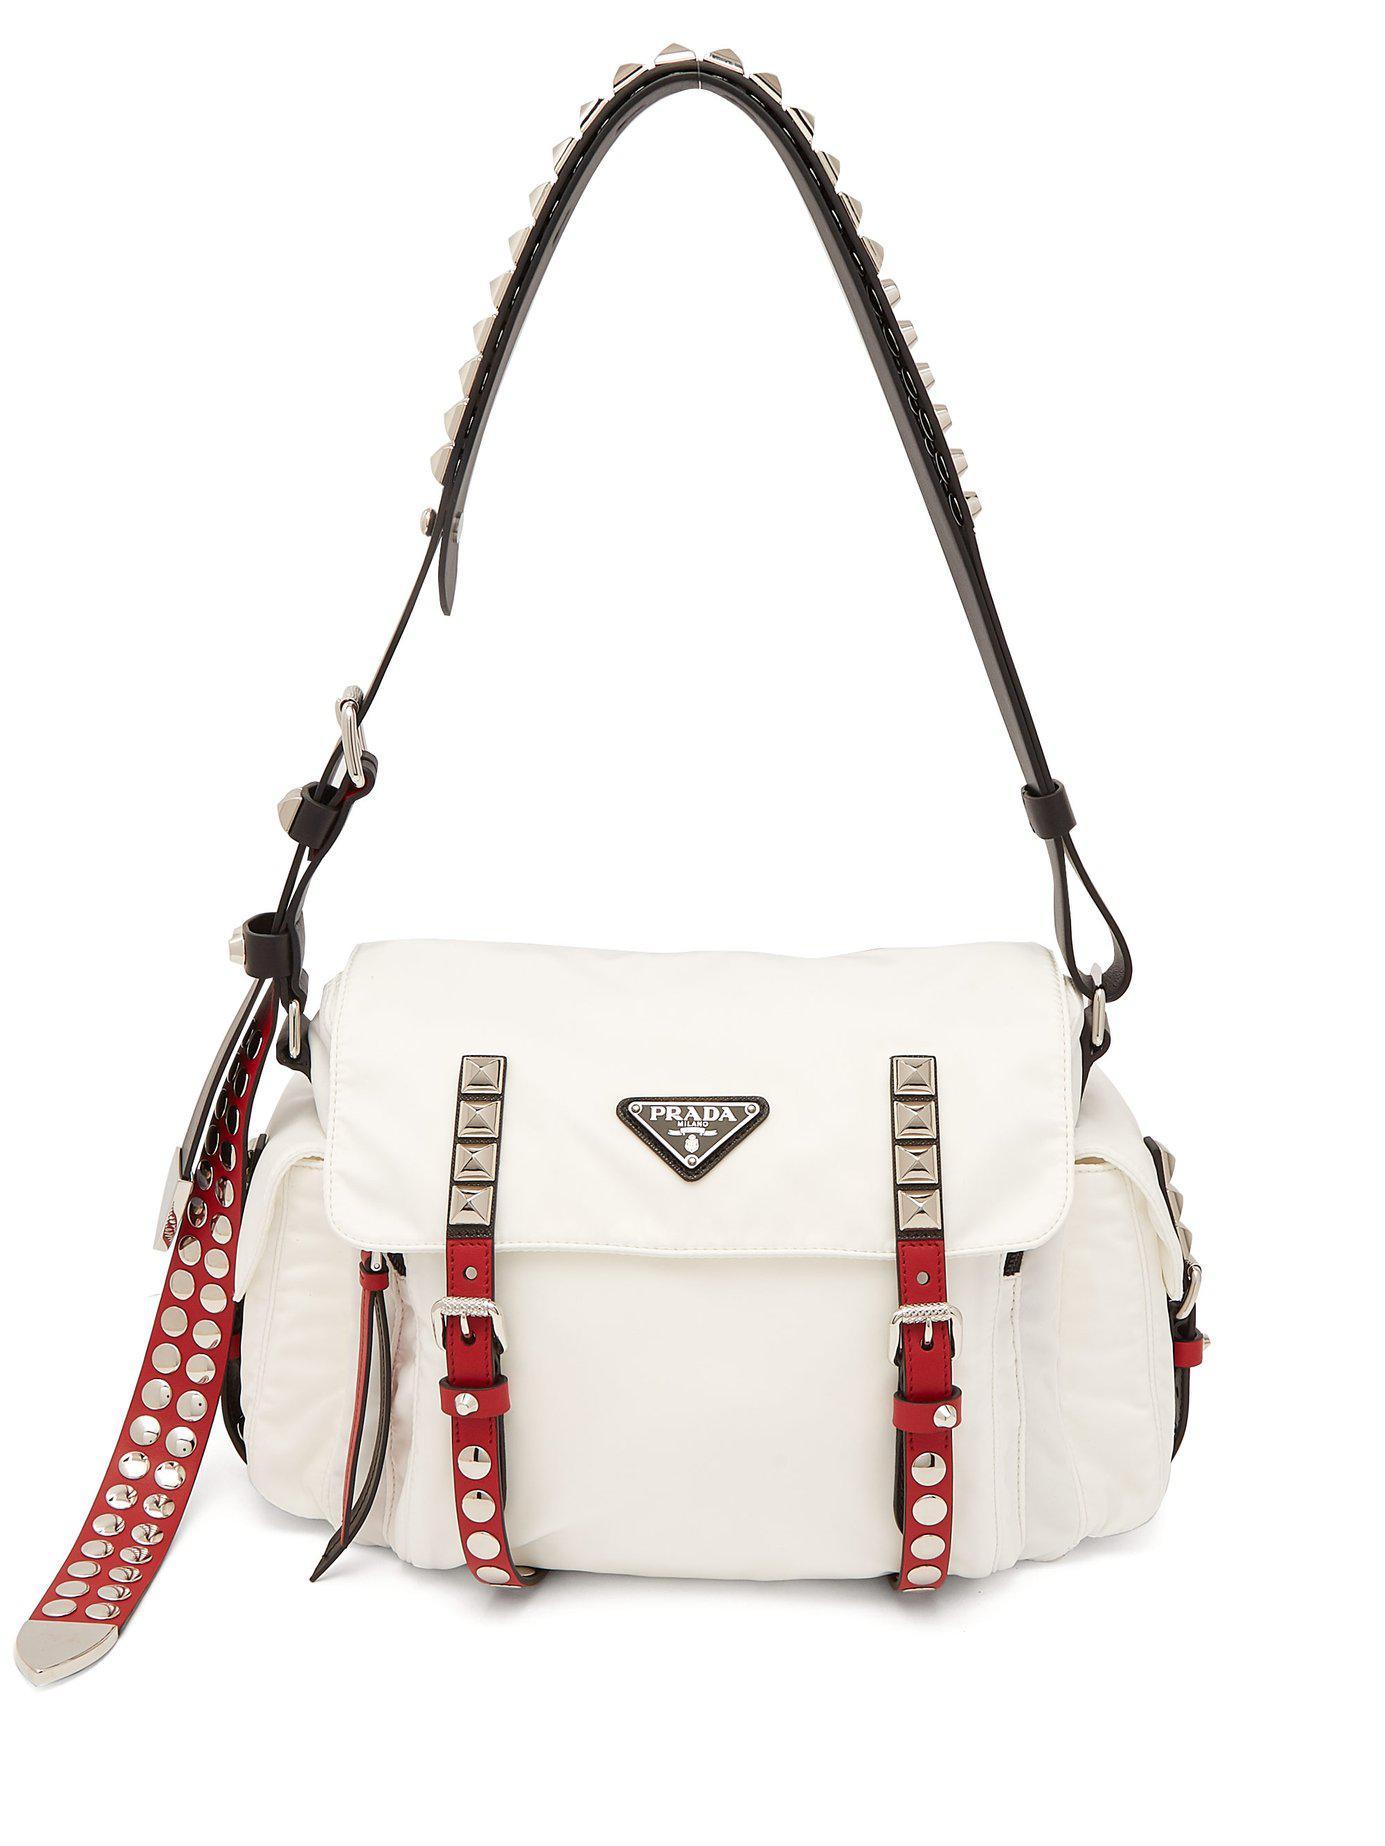 8556894d6f16 Prada - White Vela Leather Trimmed Cross Body Bag - Lyst. View fullscreen